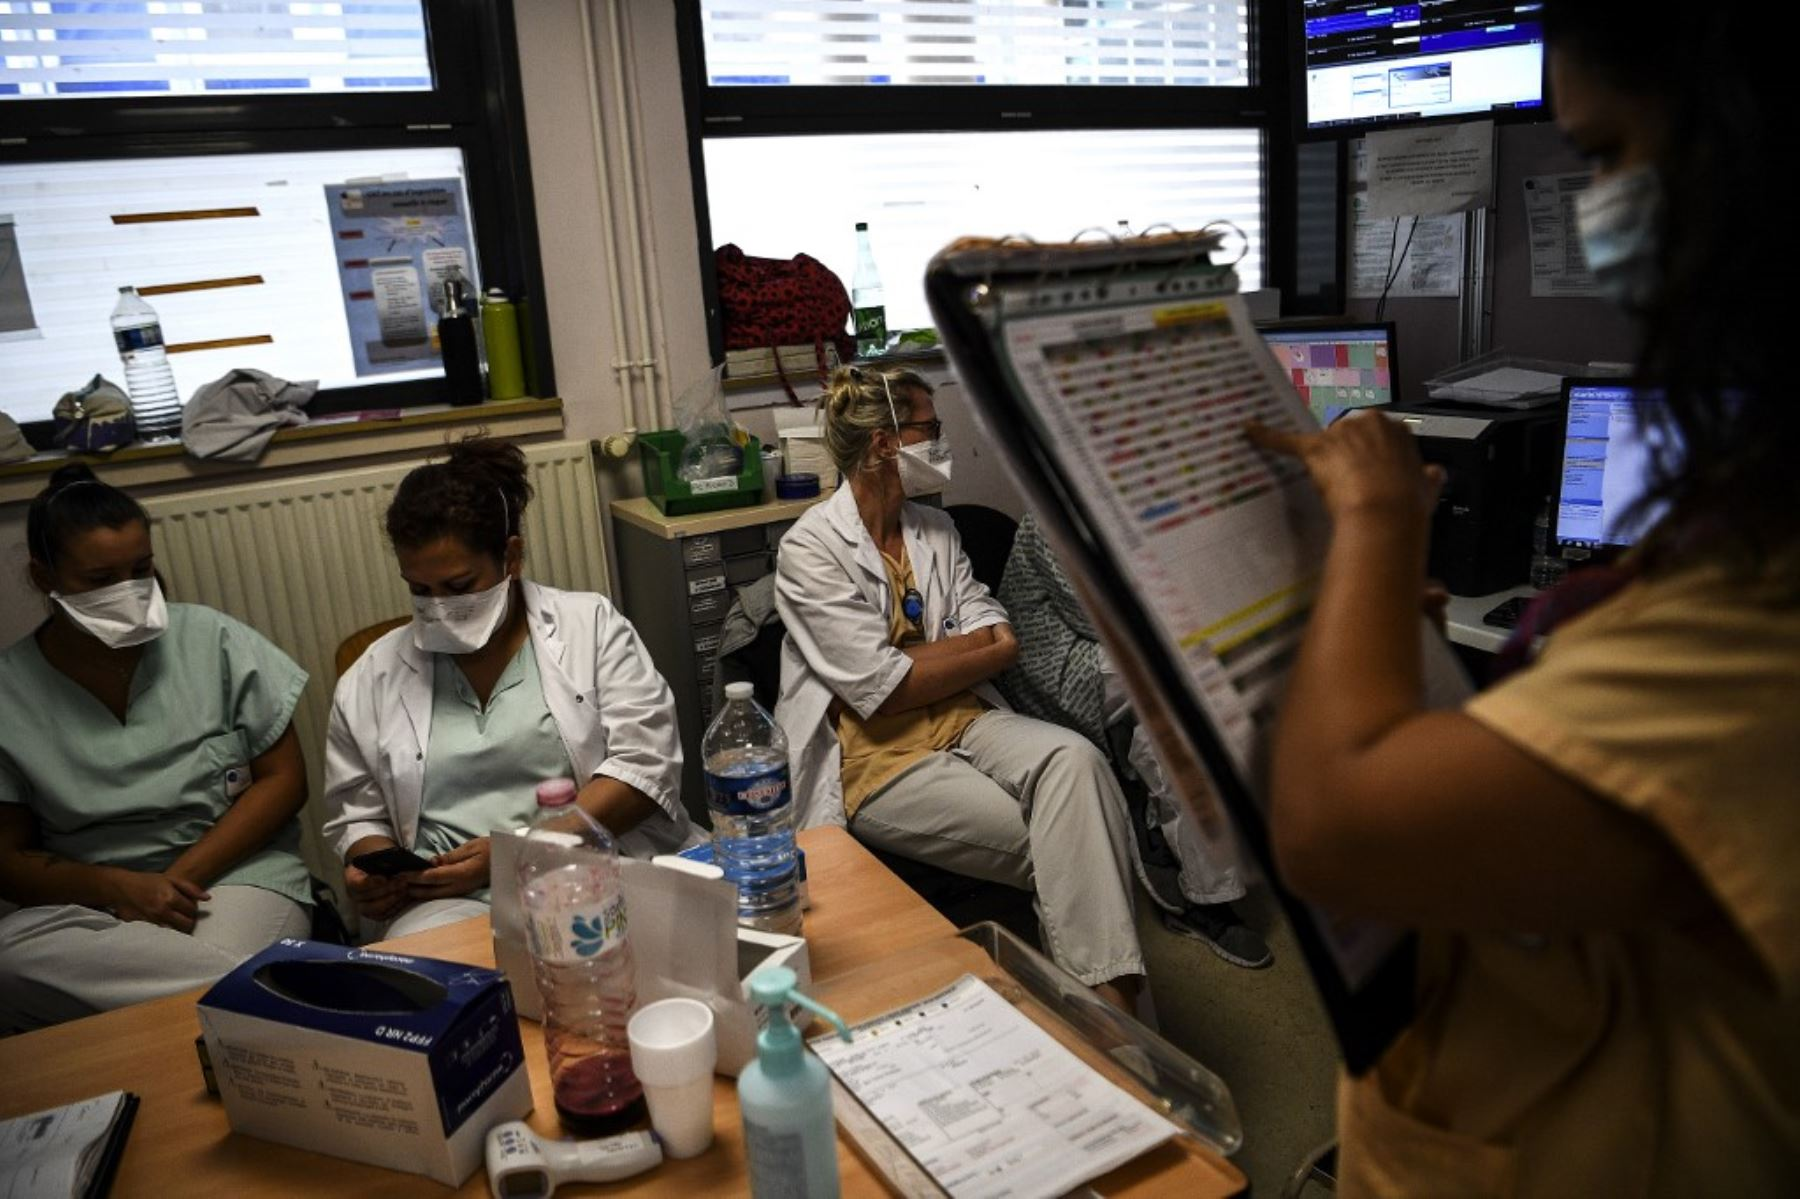 Los trabajadores médicos verifican la información en sus teléfonos y un gráfico en el servicio de emergencia del hospital Andre Gregoire en Montreuil, al este de París. Foto: AFP